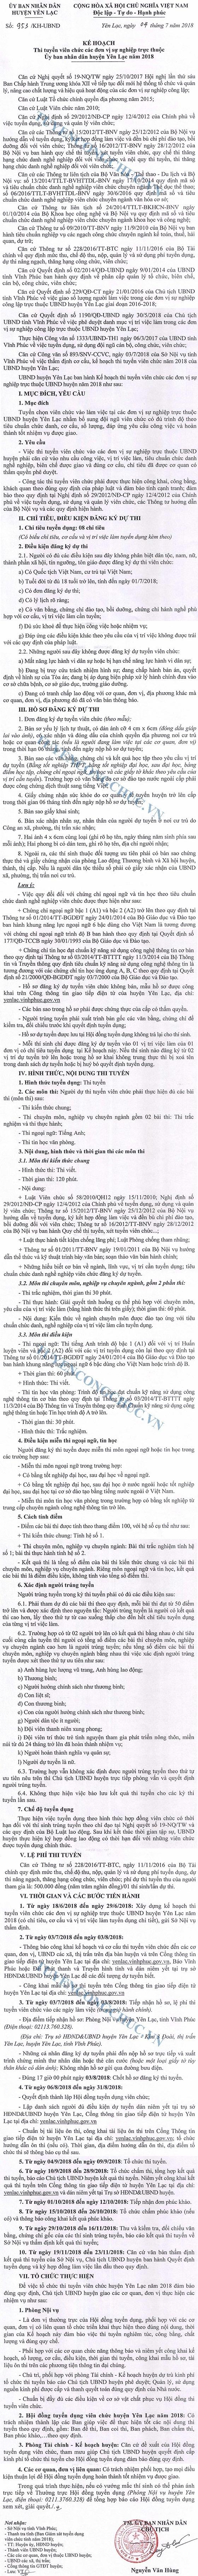 UBND huyện Yên Lạc, Vĩnh Phúc tuyển dụng viên chức năm 2018